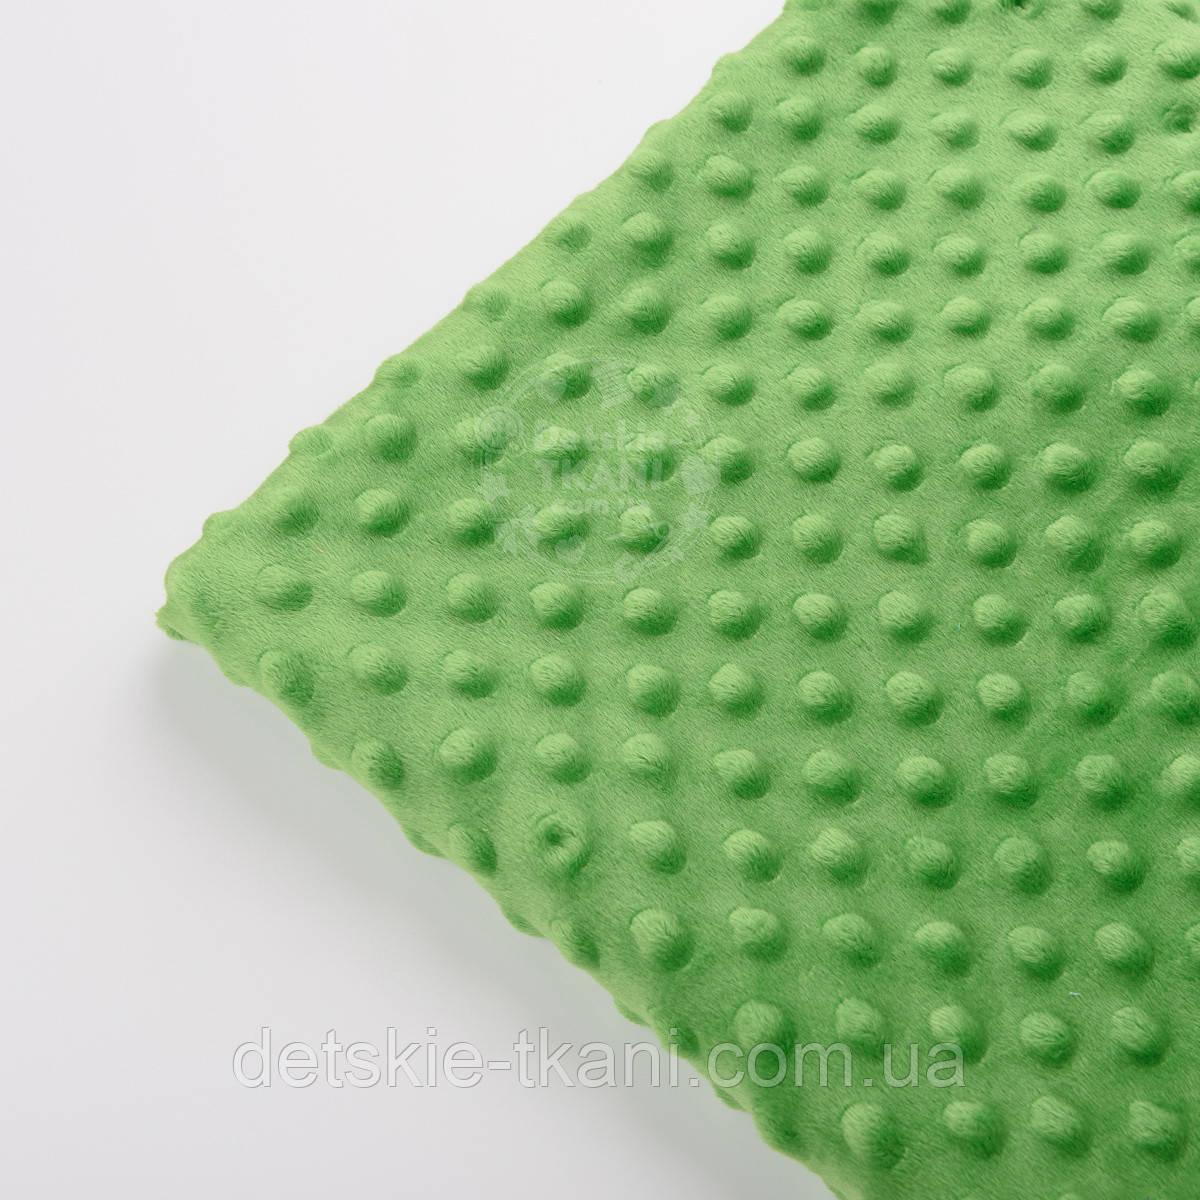 Отрез плюш minky М-3 размером 40*40 см тёмно-зелёного цвета